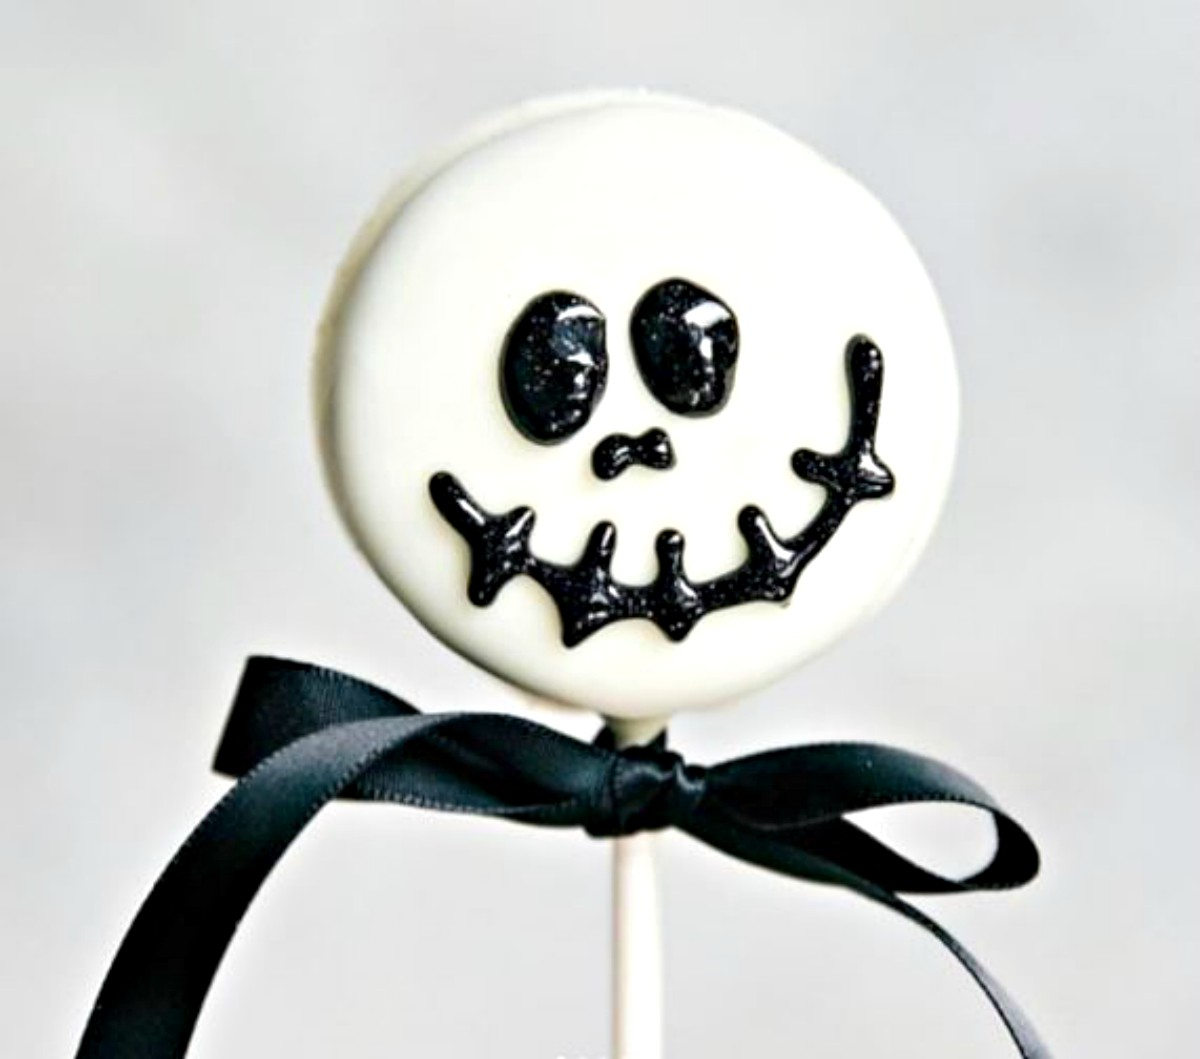 Recetas De Galletas Fáciles Para Halloween Para Preparar Con